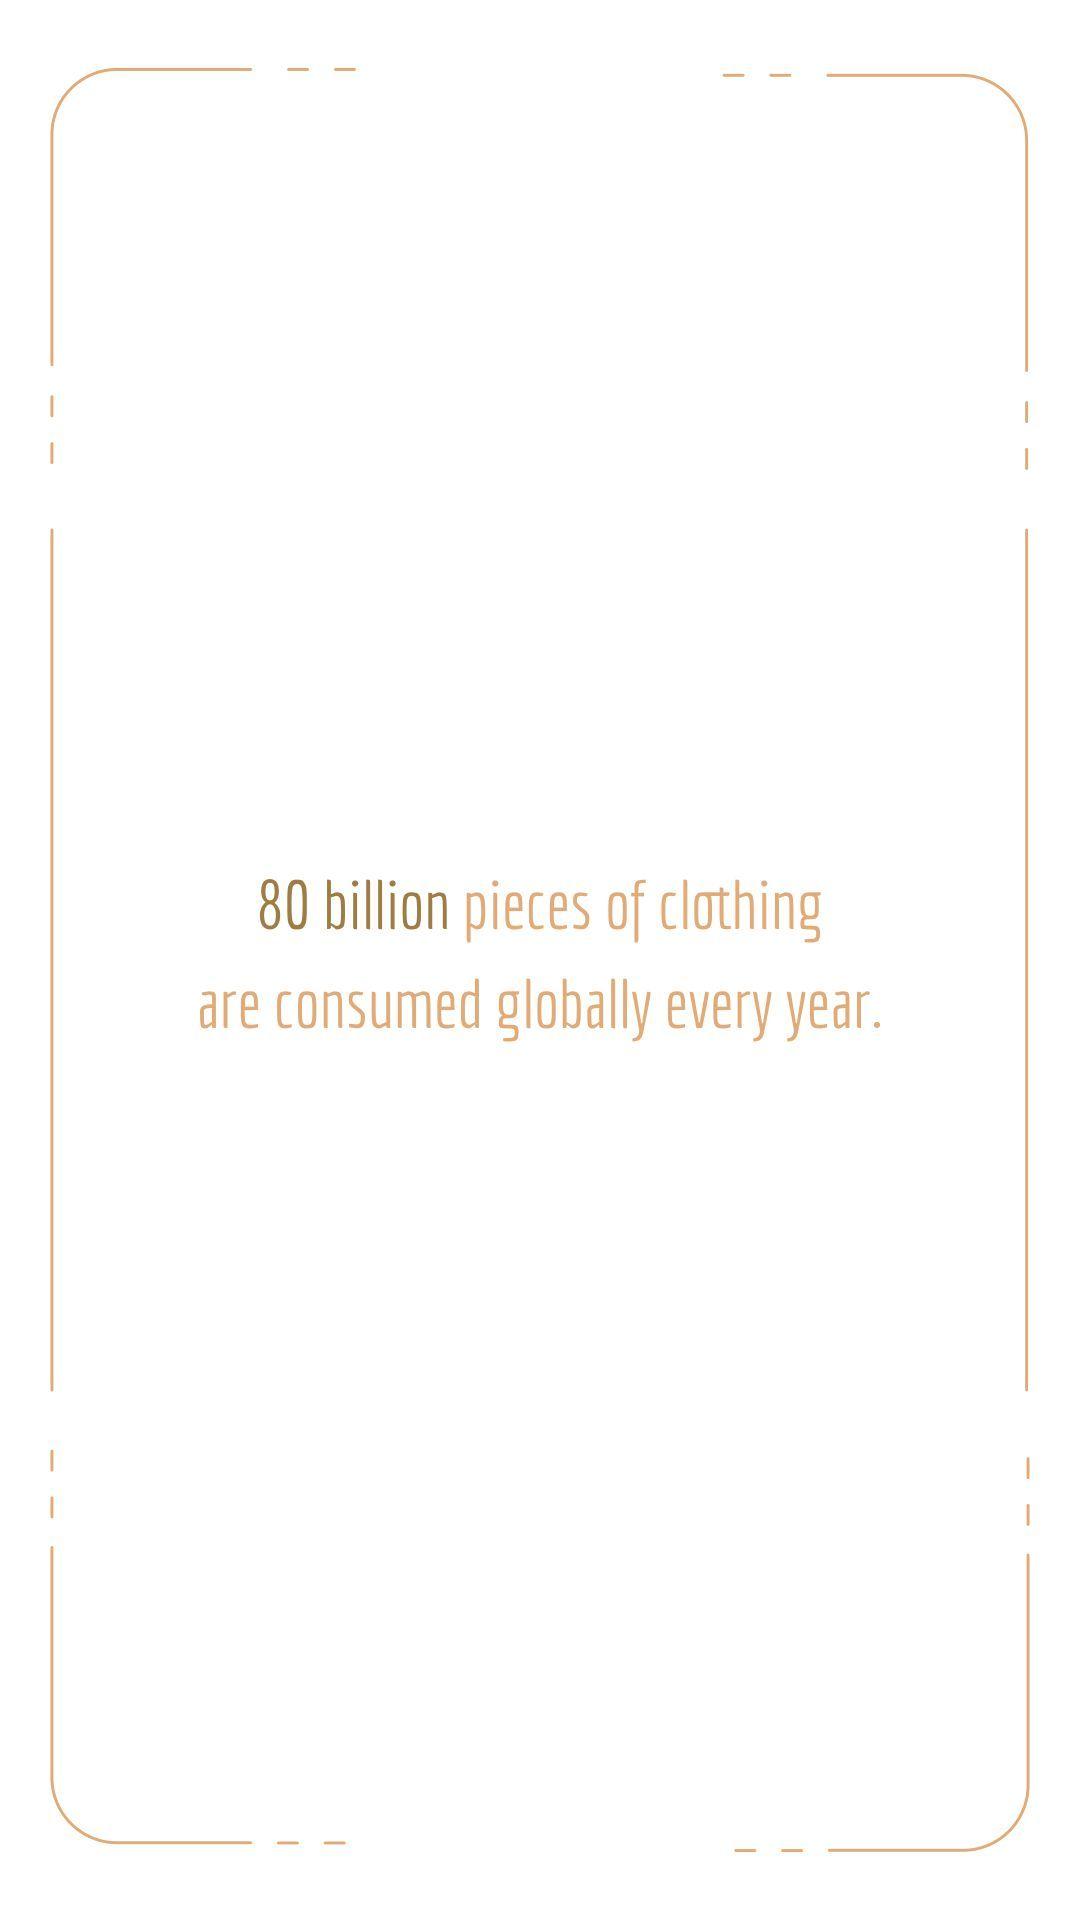 Sustainable Fashion I Organic I Organic Fashion I Clothes I Cloth I Fair Trade I Conscious Fashion I Responsible Fashion I Usa I With Images How To Make Free Fabric Quotes